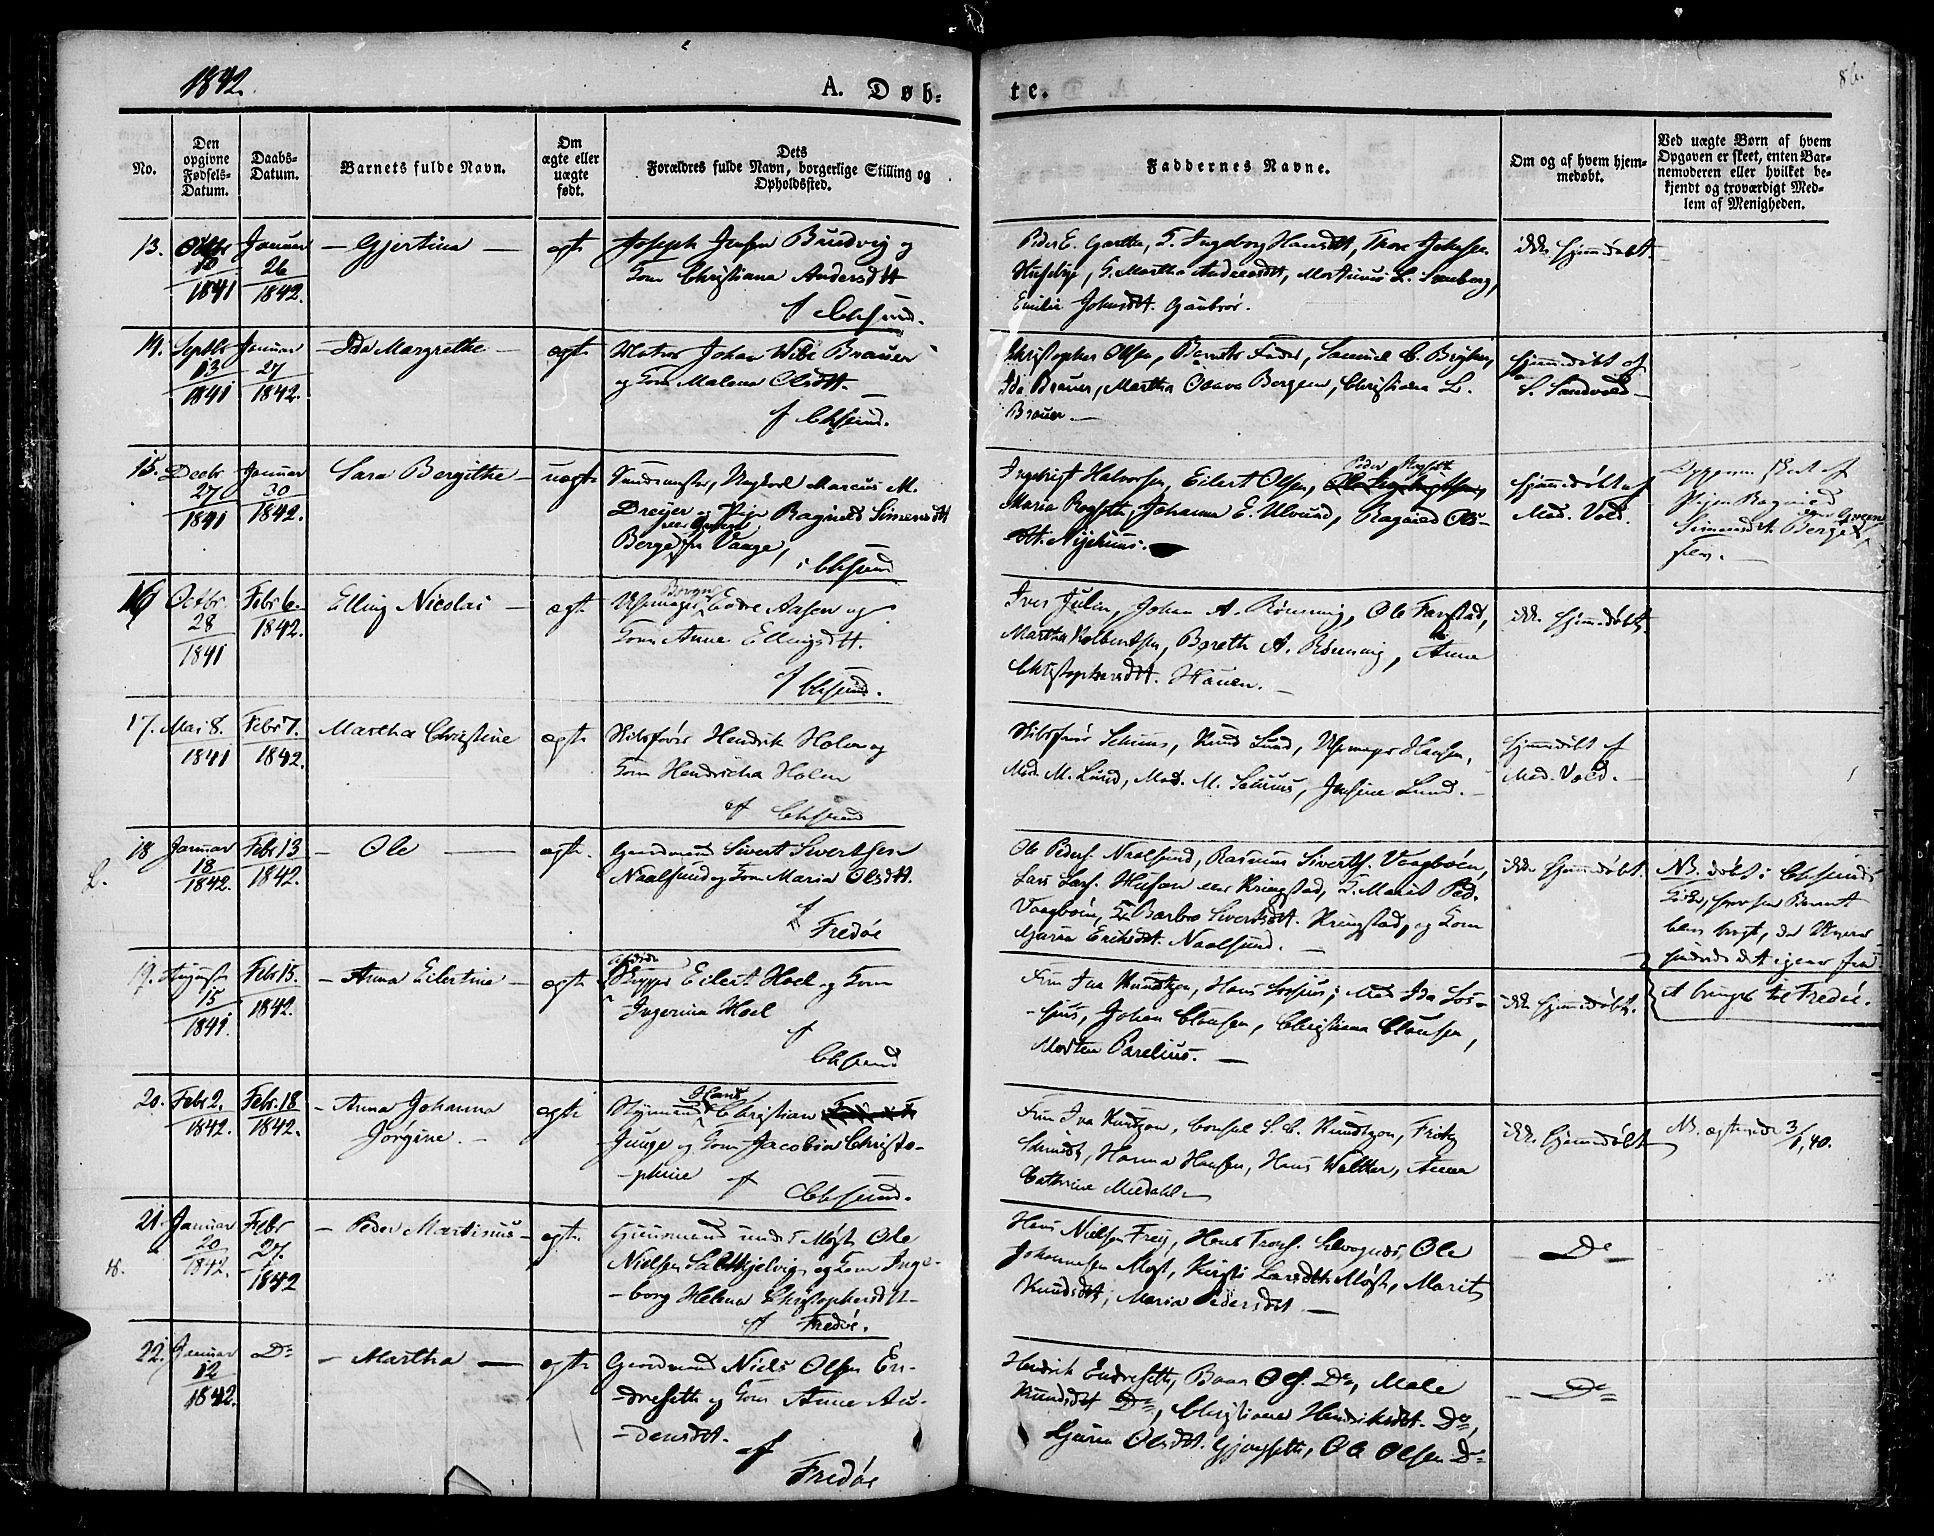 SAT, Ministerialprotokoller, klokkerbøker og fødselsregistre - Møre og Romsdal, 572/L0843: Ministerialbok nr. 572A06, 1832-1842, s. 86